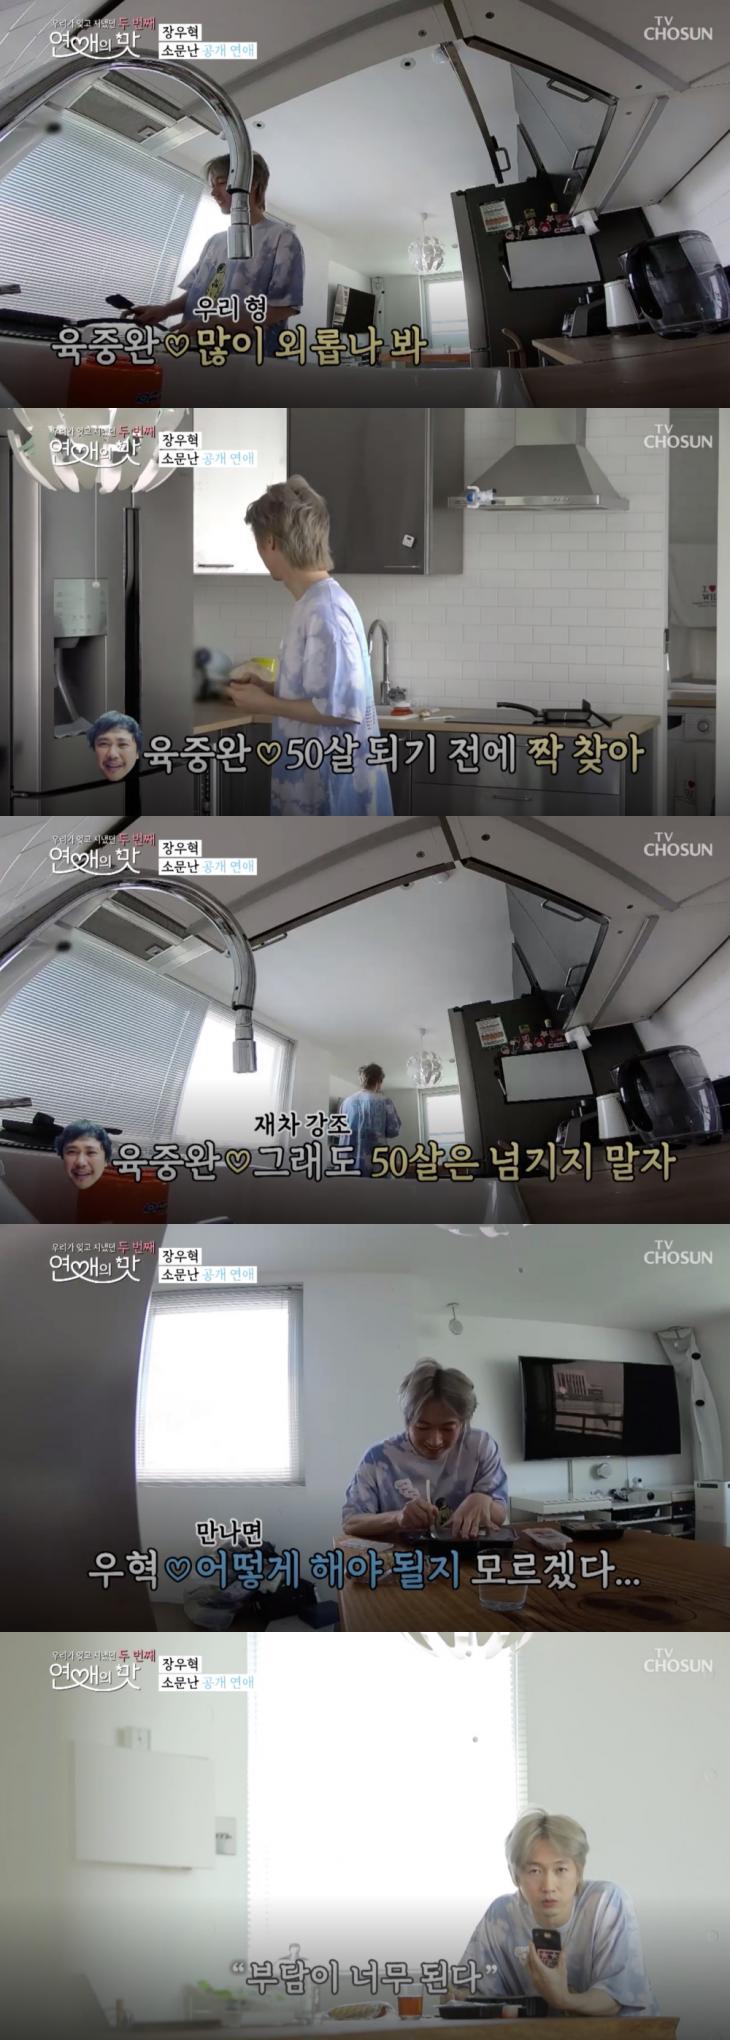 TV조선 '우리가 잊고 지냈던 두번째 : 연애의 맛' 방송 캡처